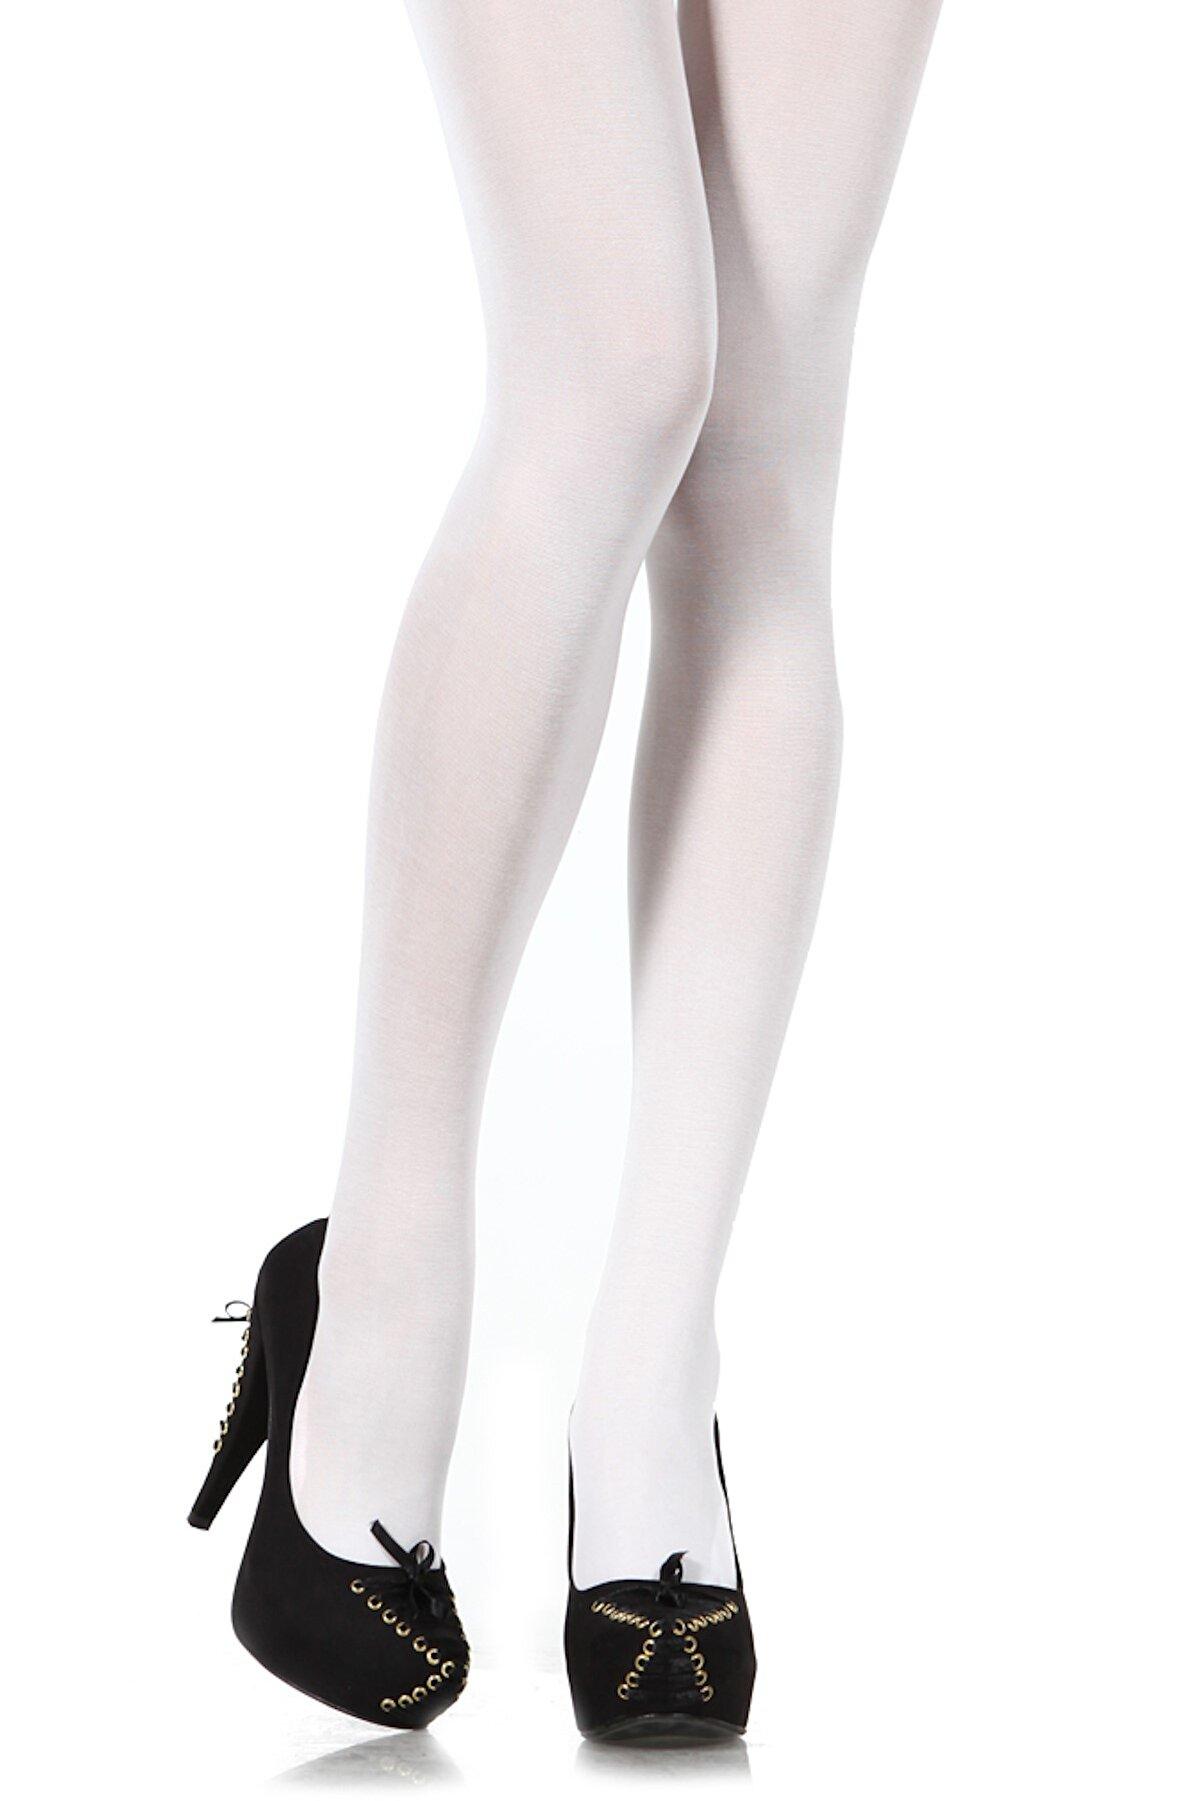 Pierre Cardin Cotton Kalın Külotlu Çorap